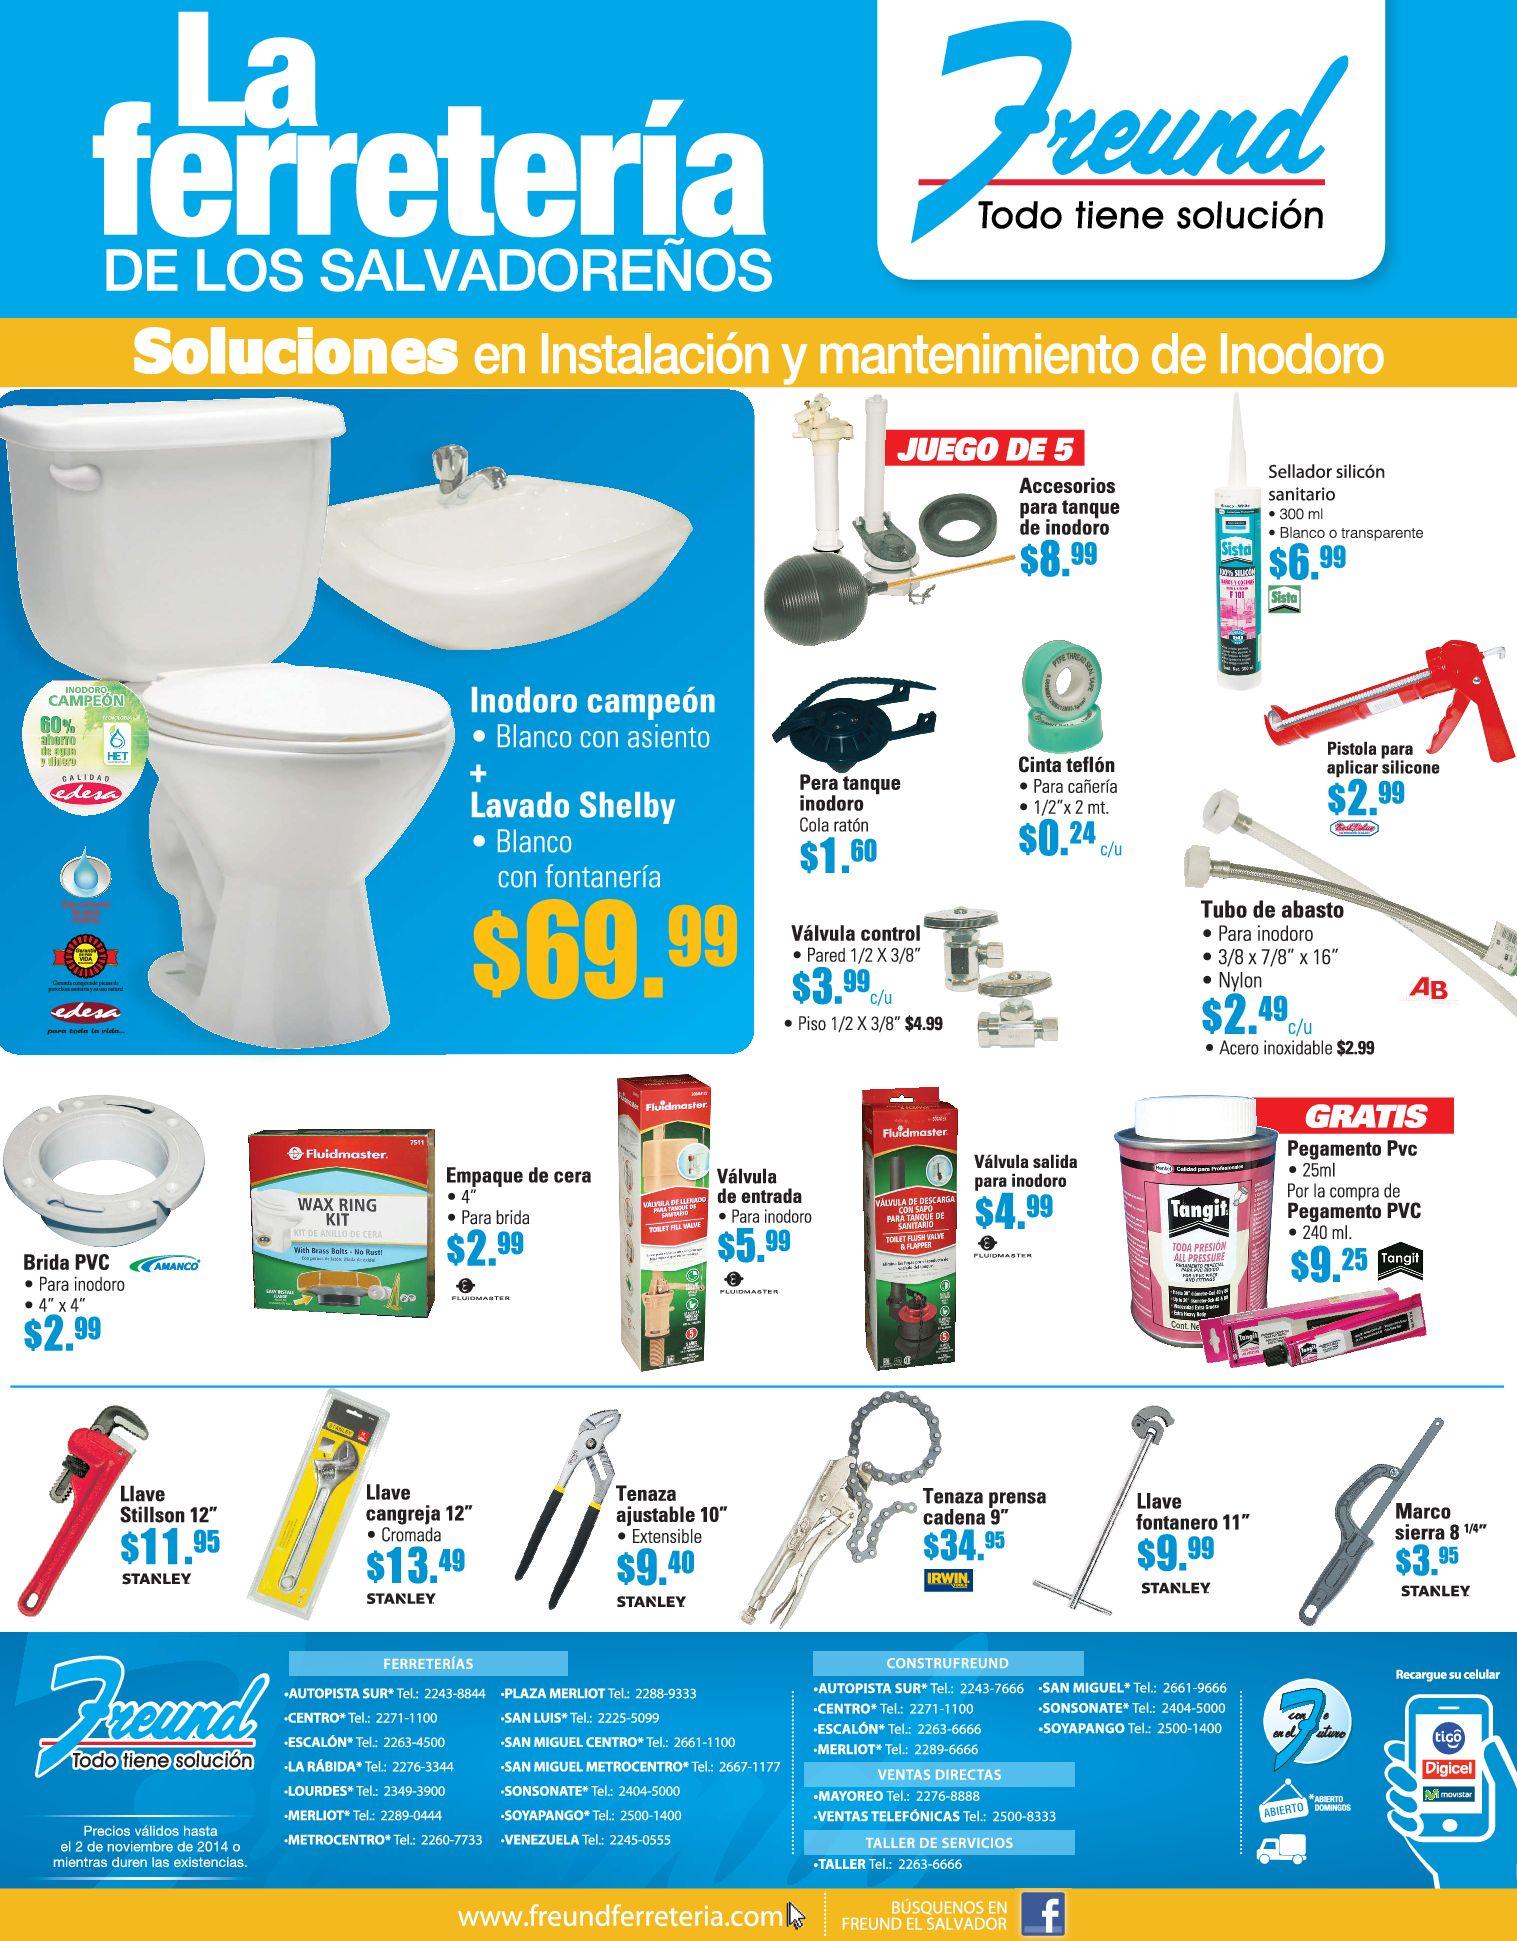 Accesorios De Baño Homecenter:Accesorios y equipo para tu baño FERRETERIA FREUND – 20oct14